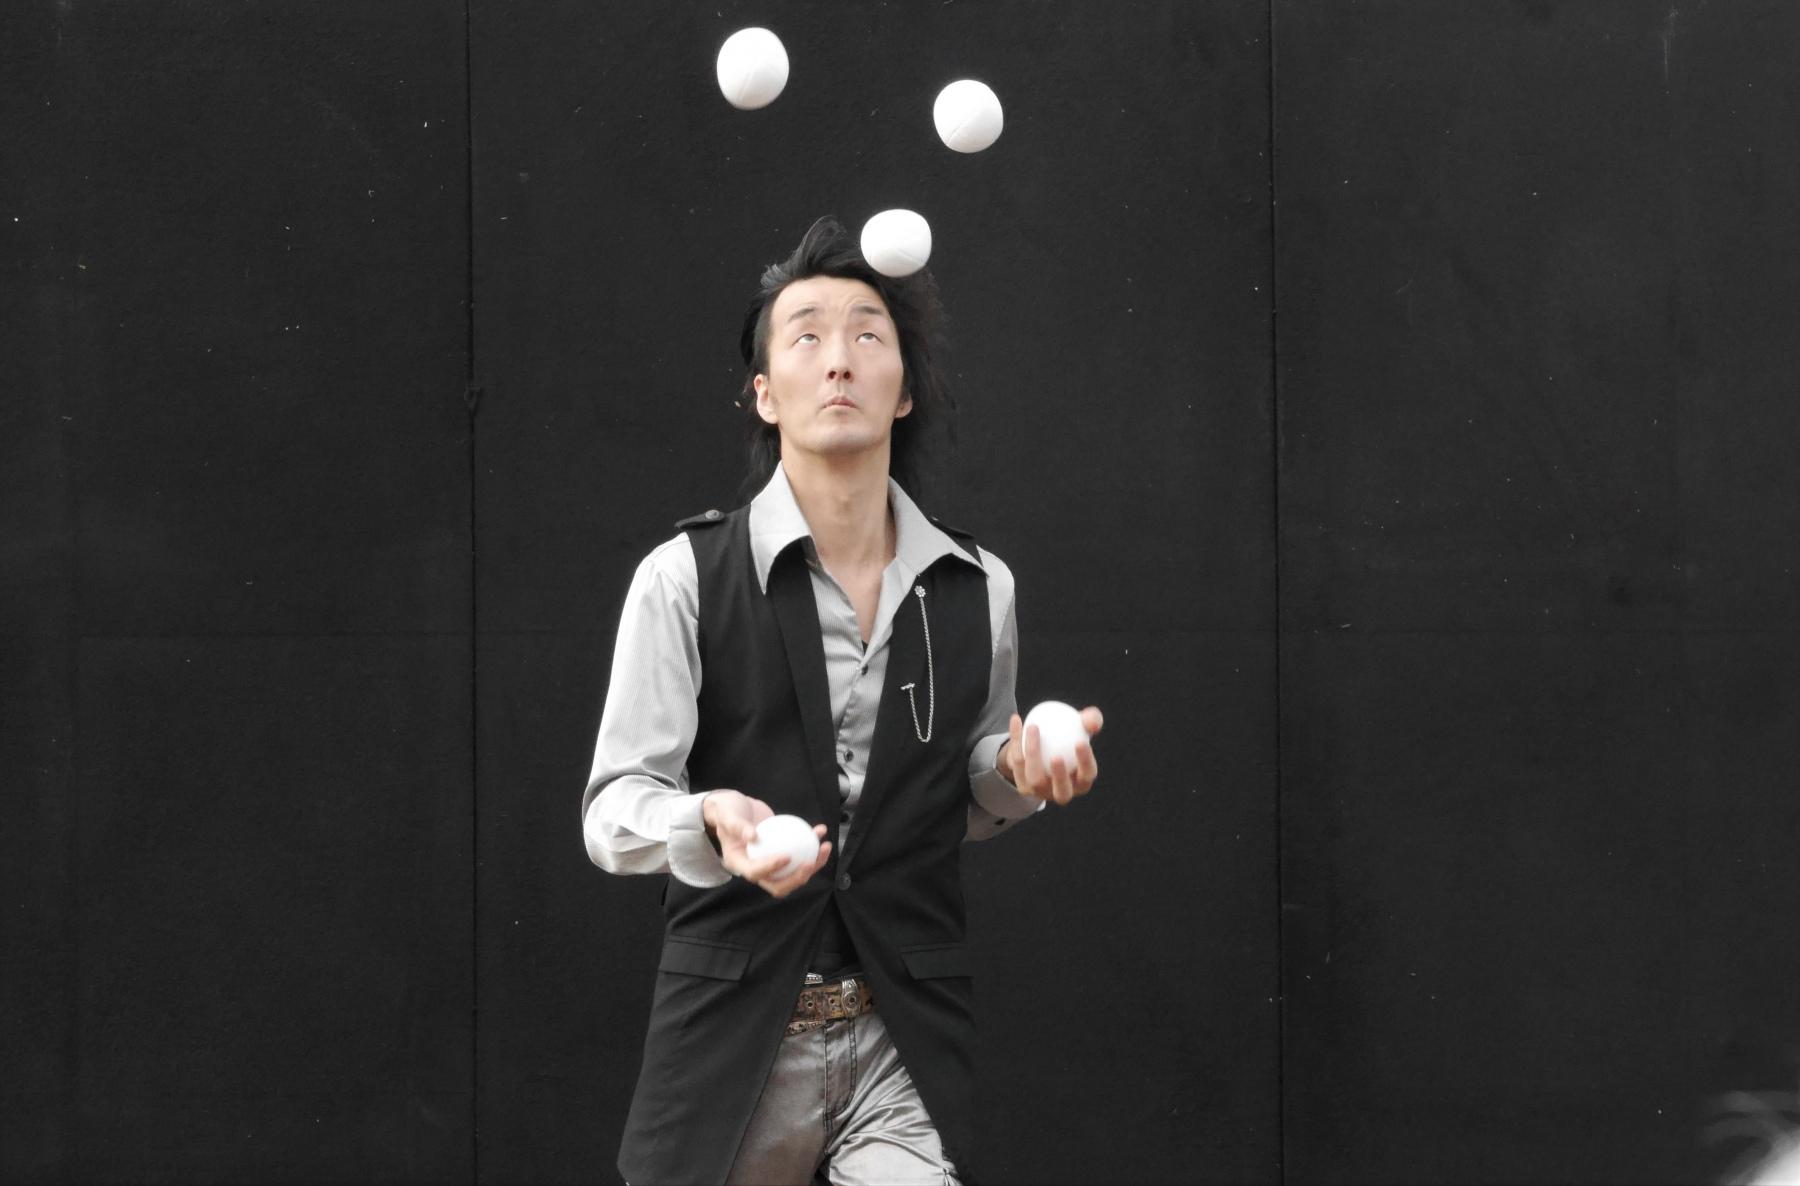 Ein japanischer Jongleur zeigt sein Können auf Bühne 2